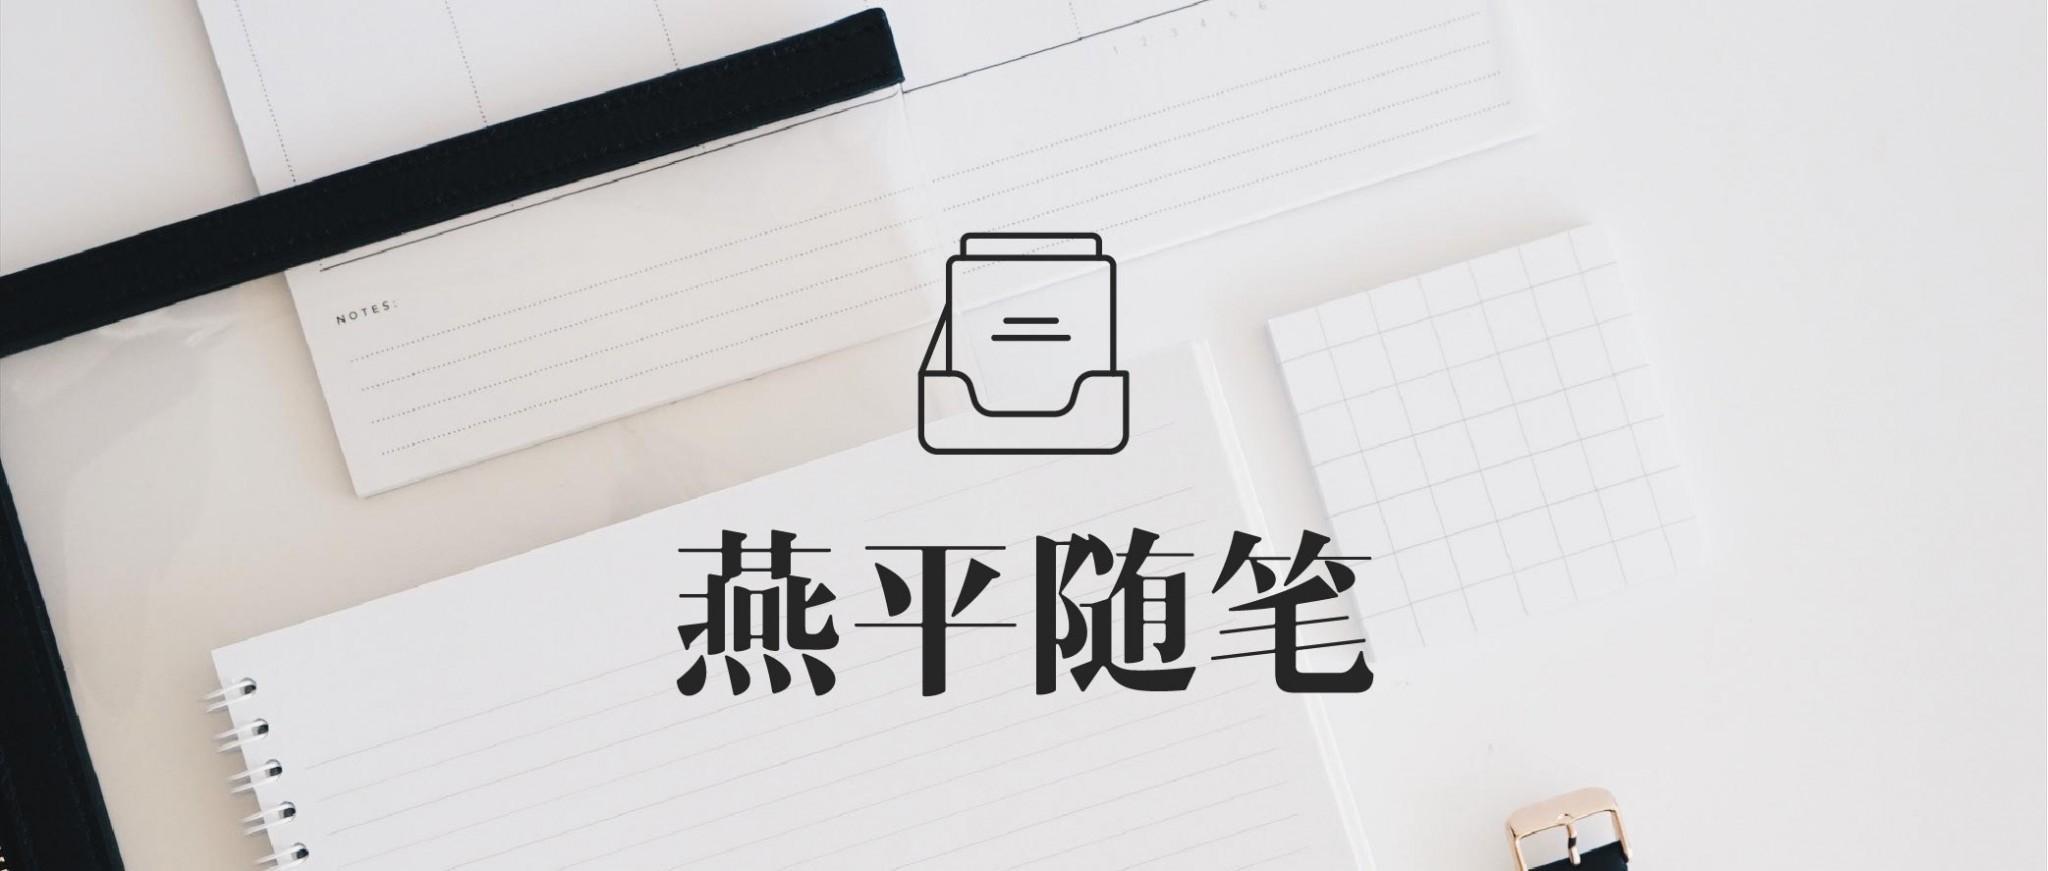 燕平随笔-01